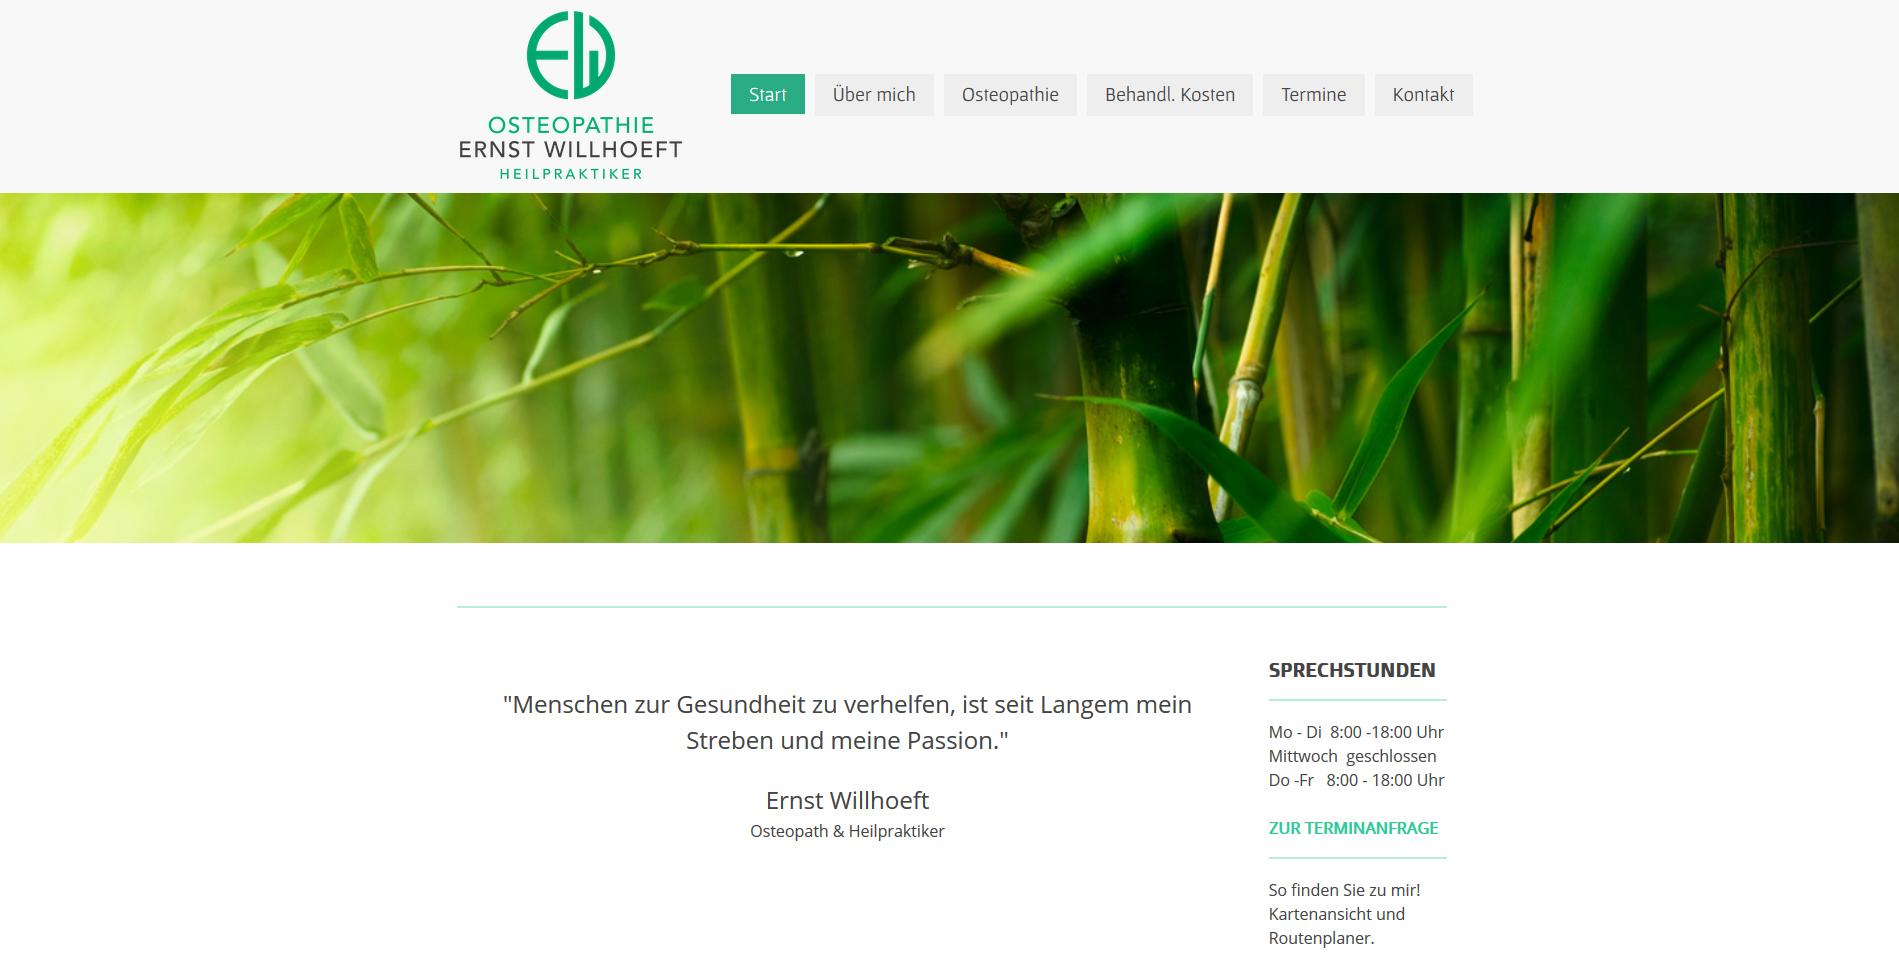 Osteopathie Ernst Willhöft, Bergstedt